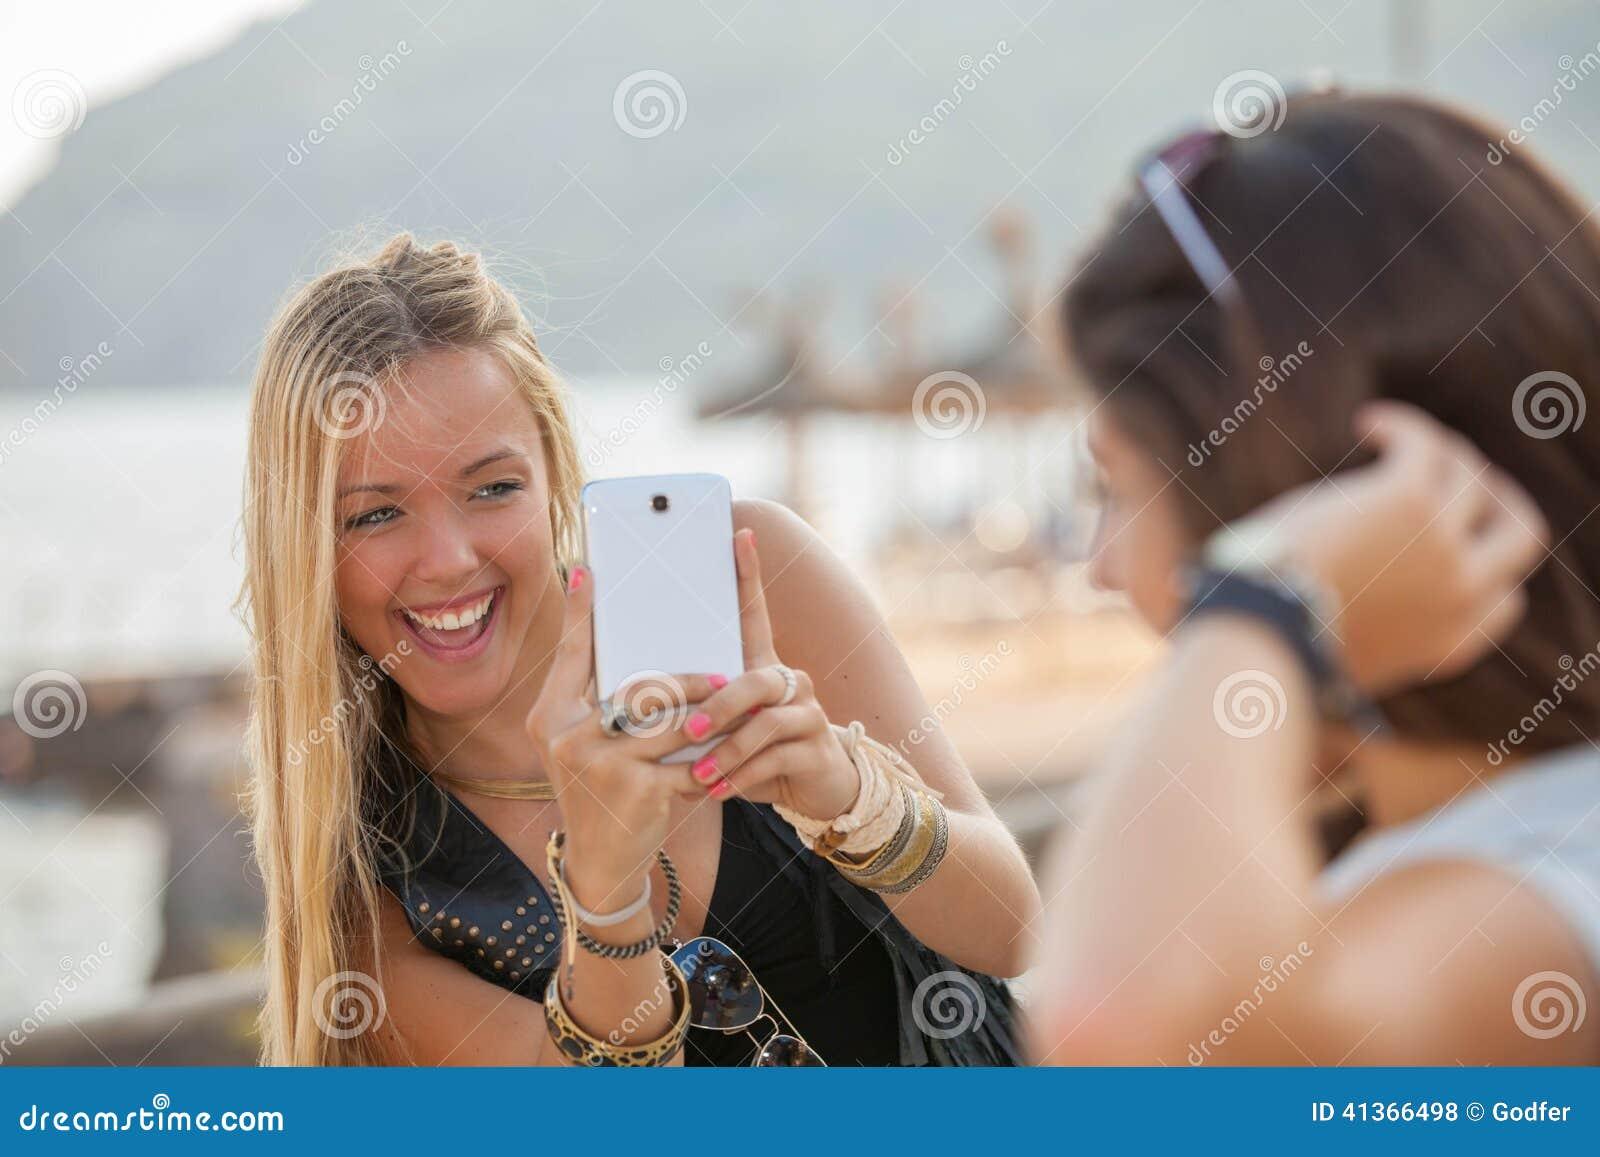 Фото летних каникулов подростка